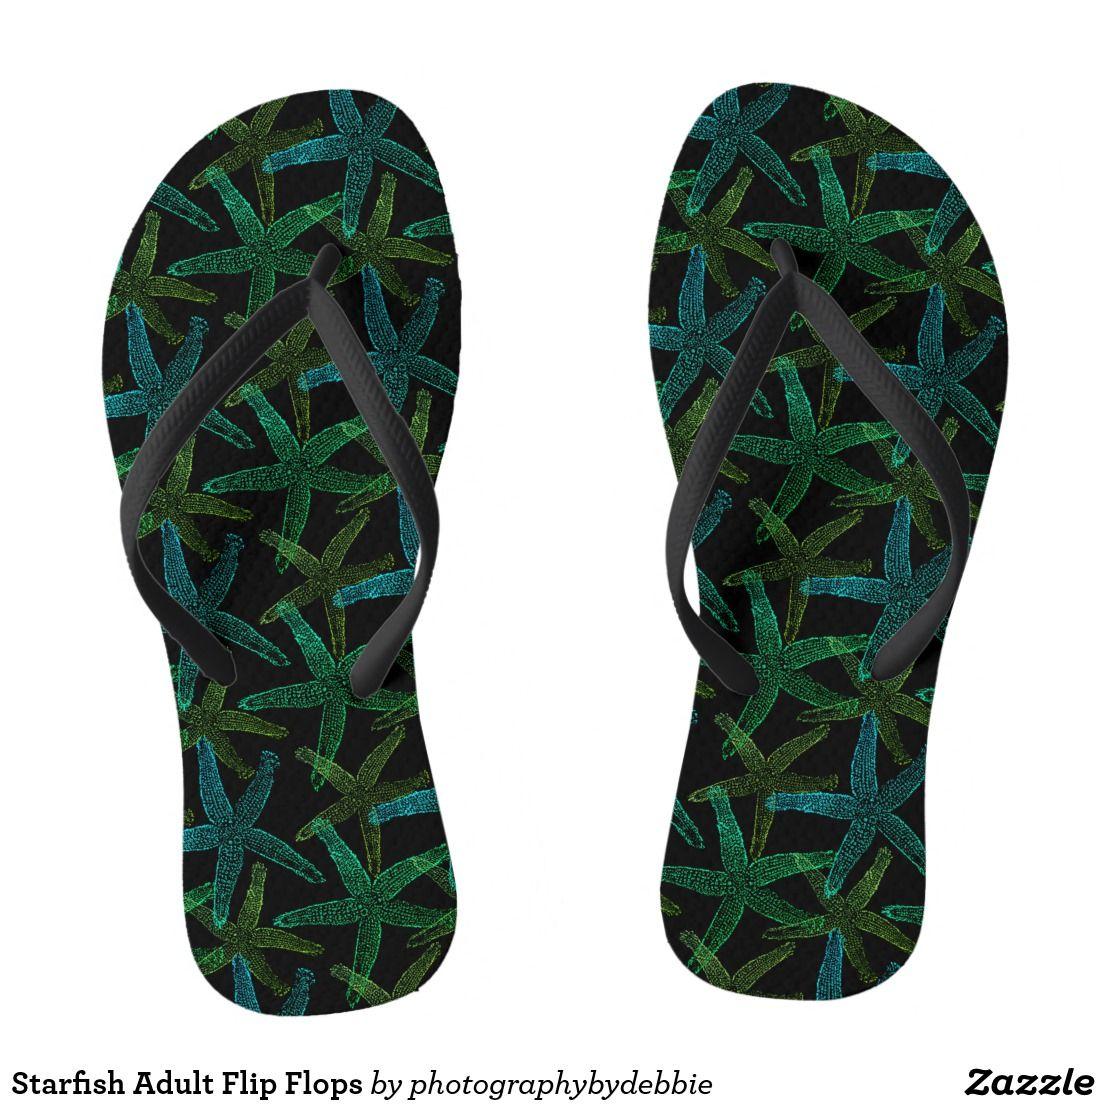 Starfish Adult Flip Flops Zazzle Men s Flip Flops